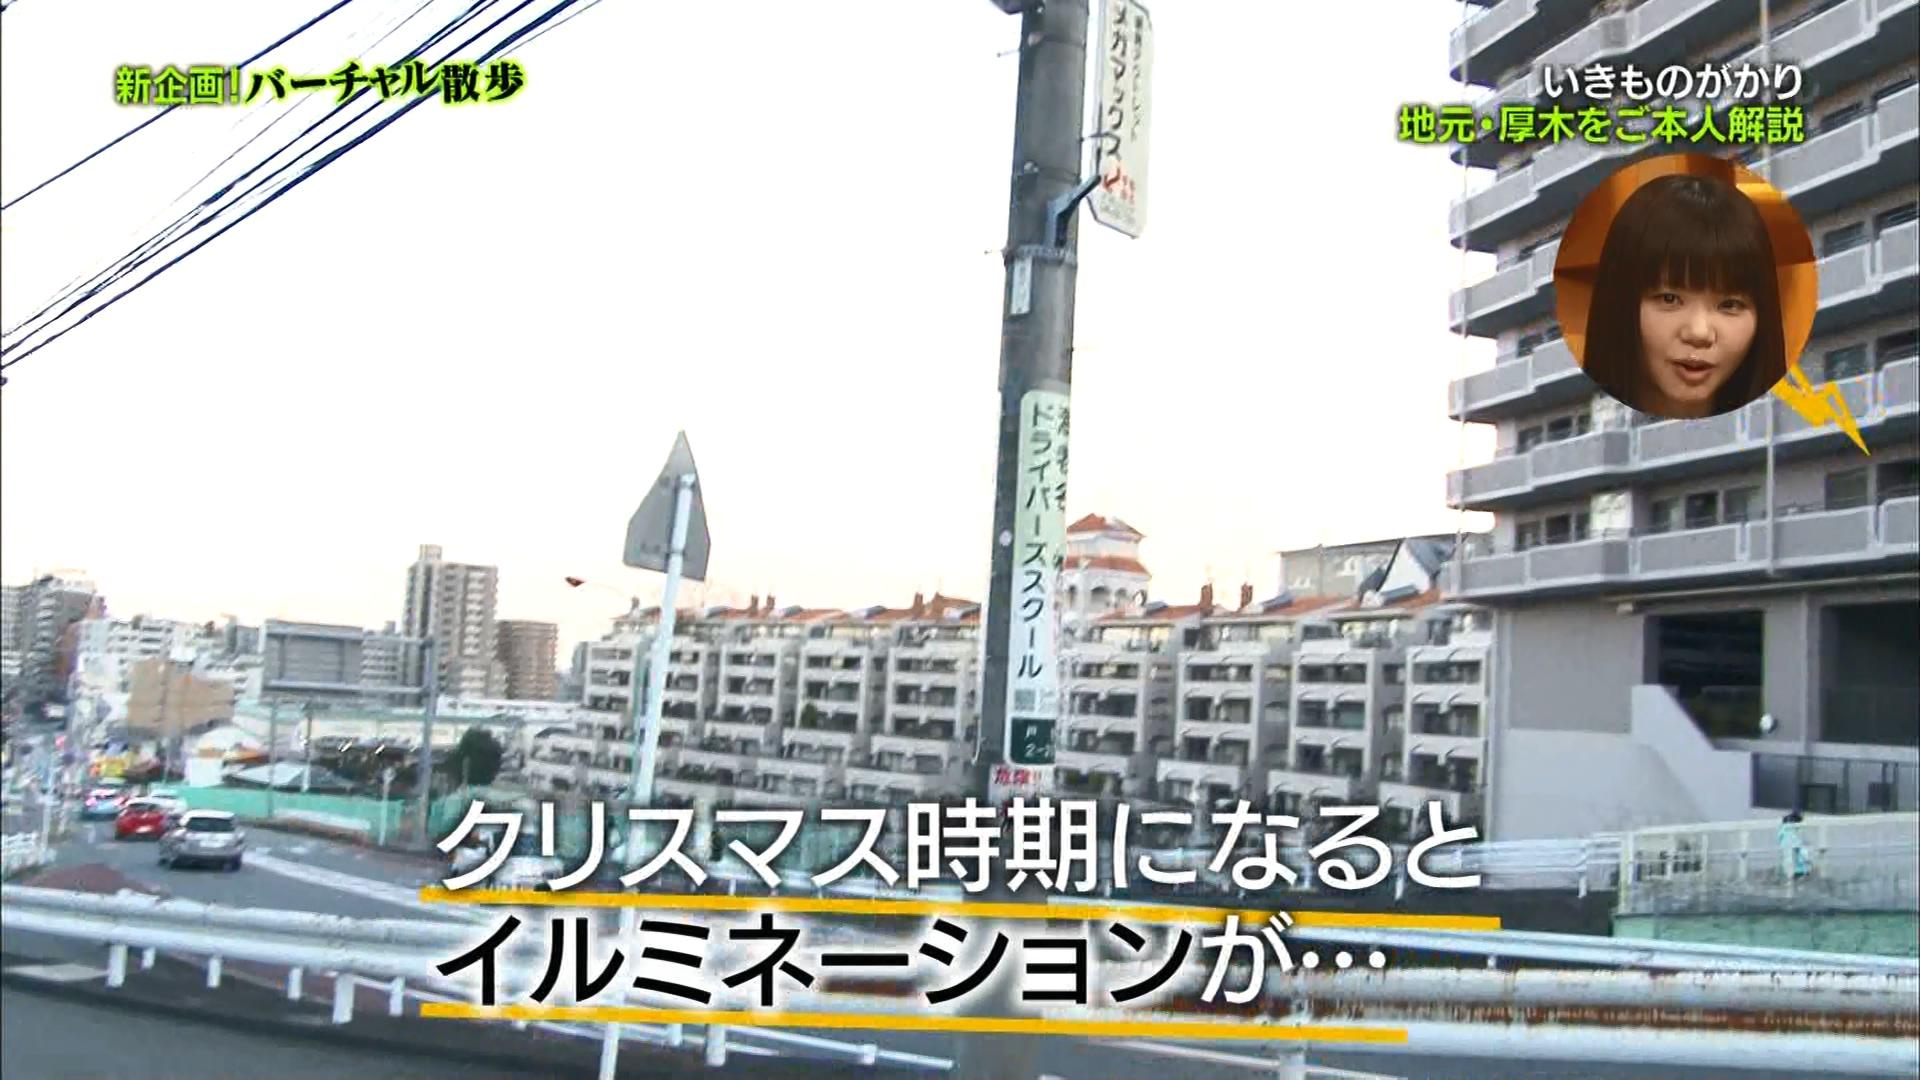 2016.03.11 全場(バズリズム).ts_20160312_014131.304